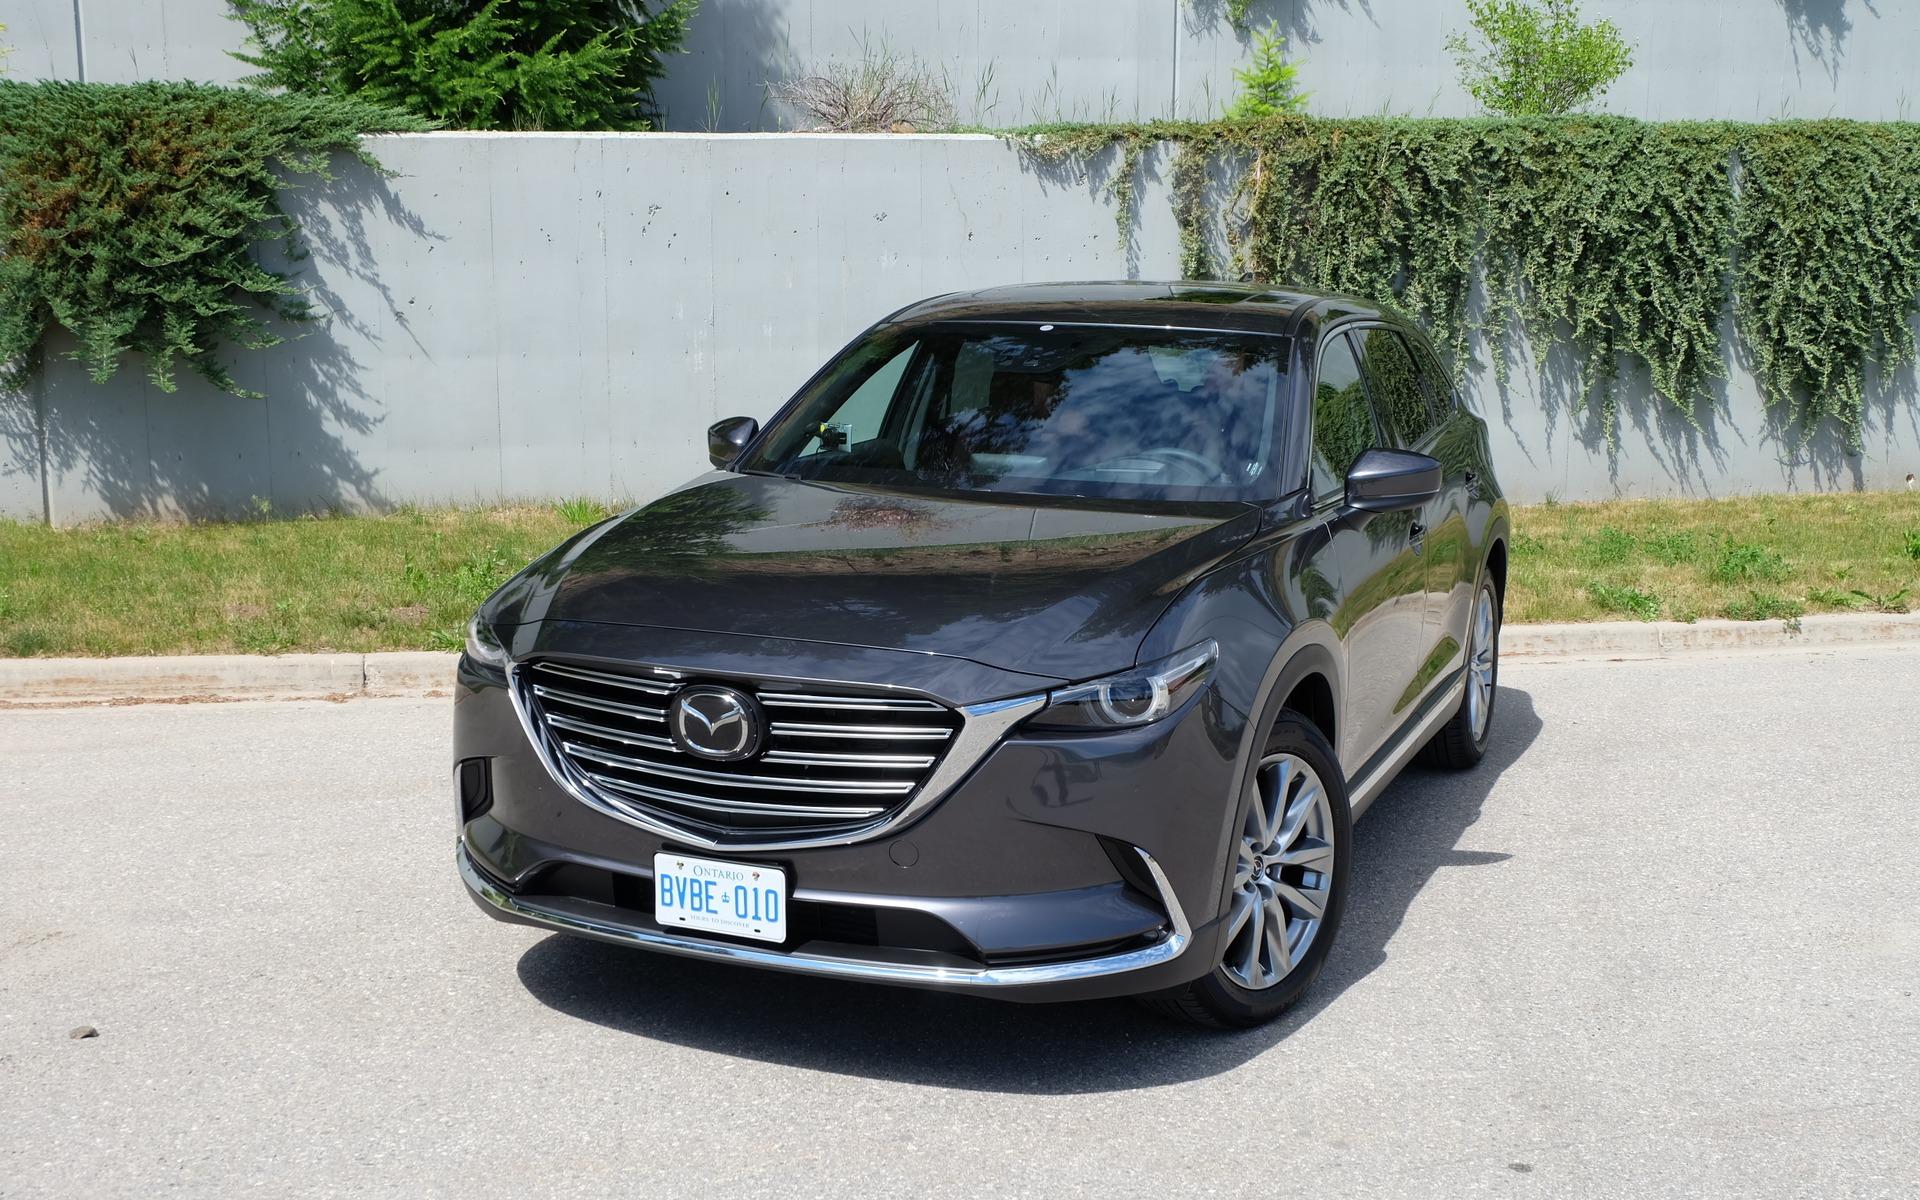 La silhouette du Mazda CX-9 2016 est moderne.